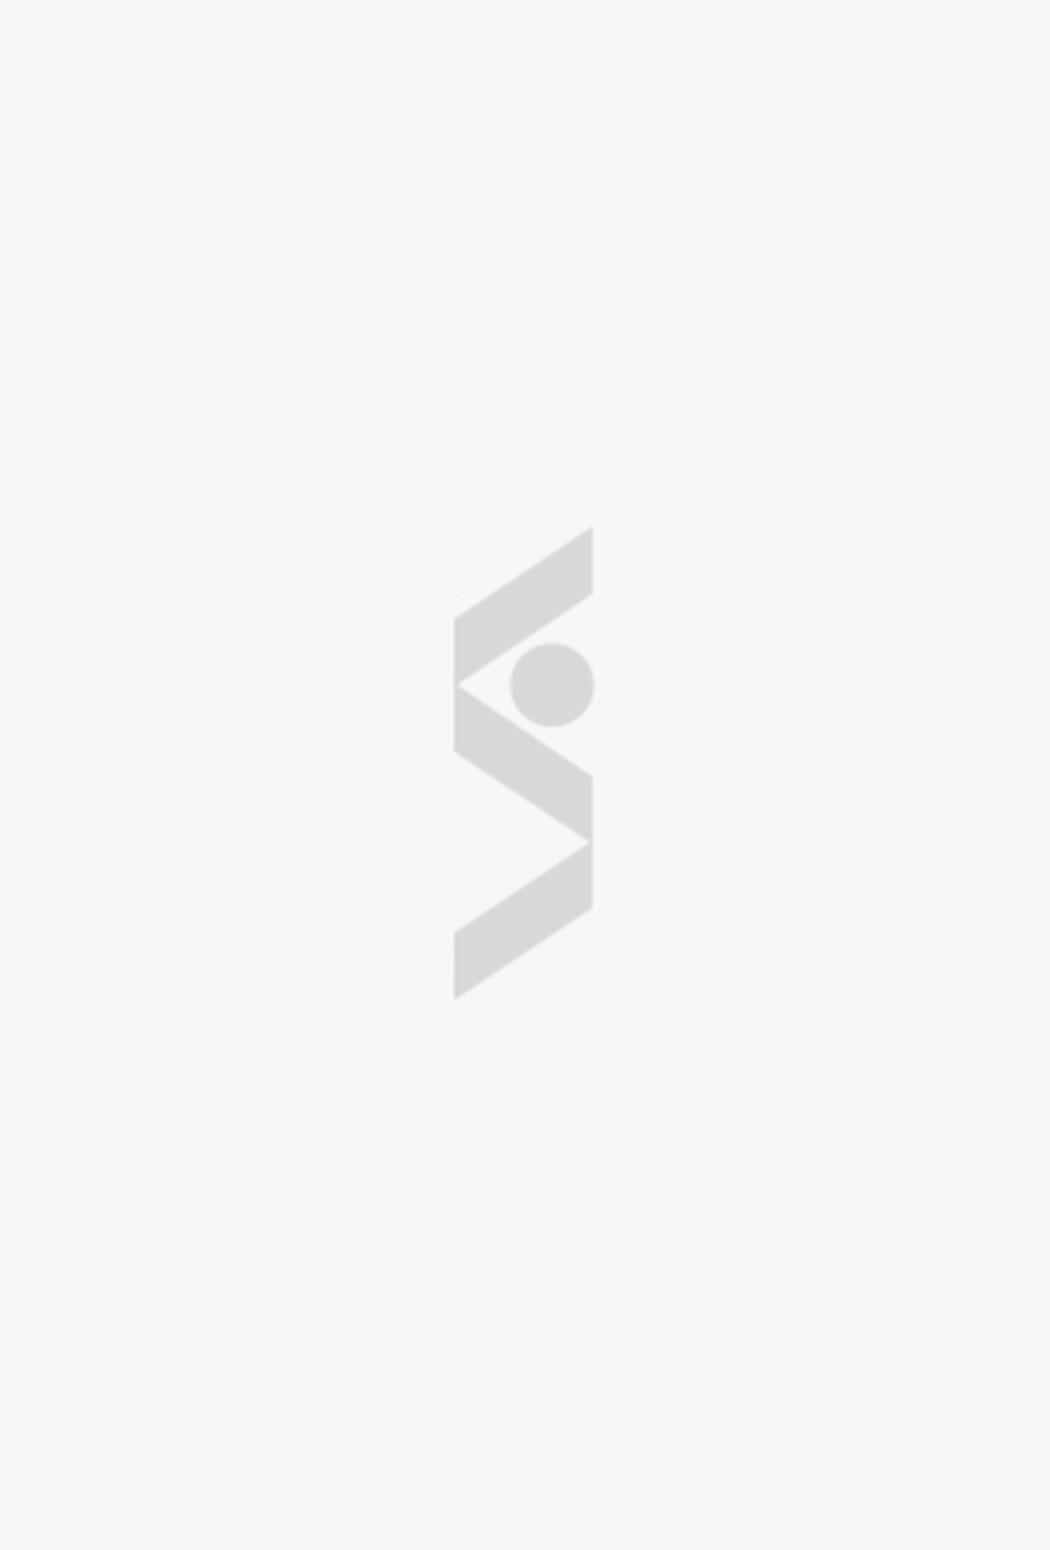 Косуха кожаная Esprit Casual - купить, цена 13990 ₽ в Москве в интернет-магазине СТОКМАНН BAFC85AF-910D-4DEB-A33F-6FEB126D97E3